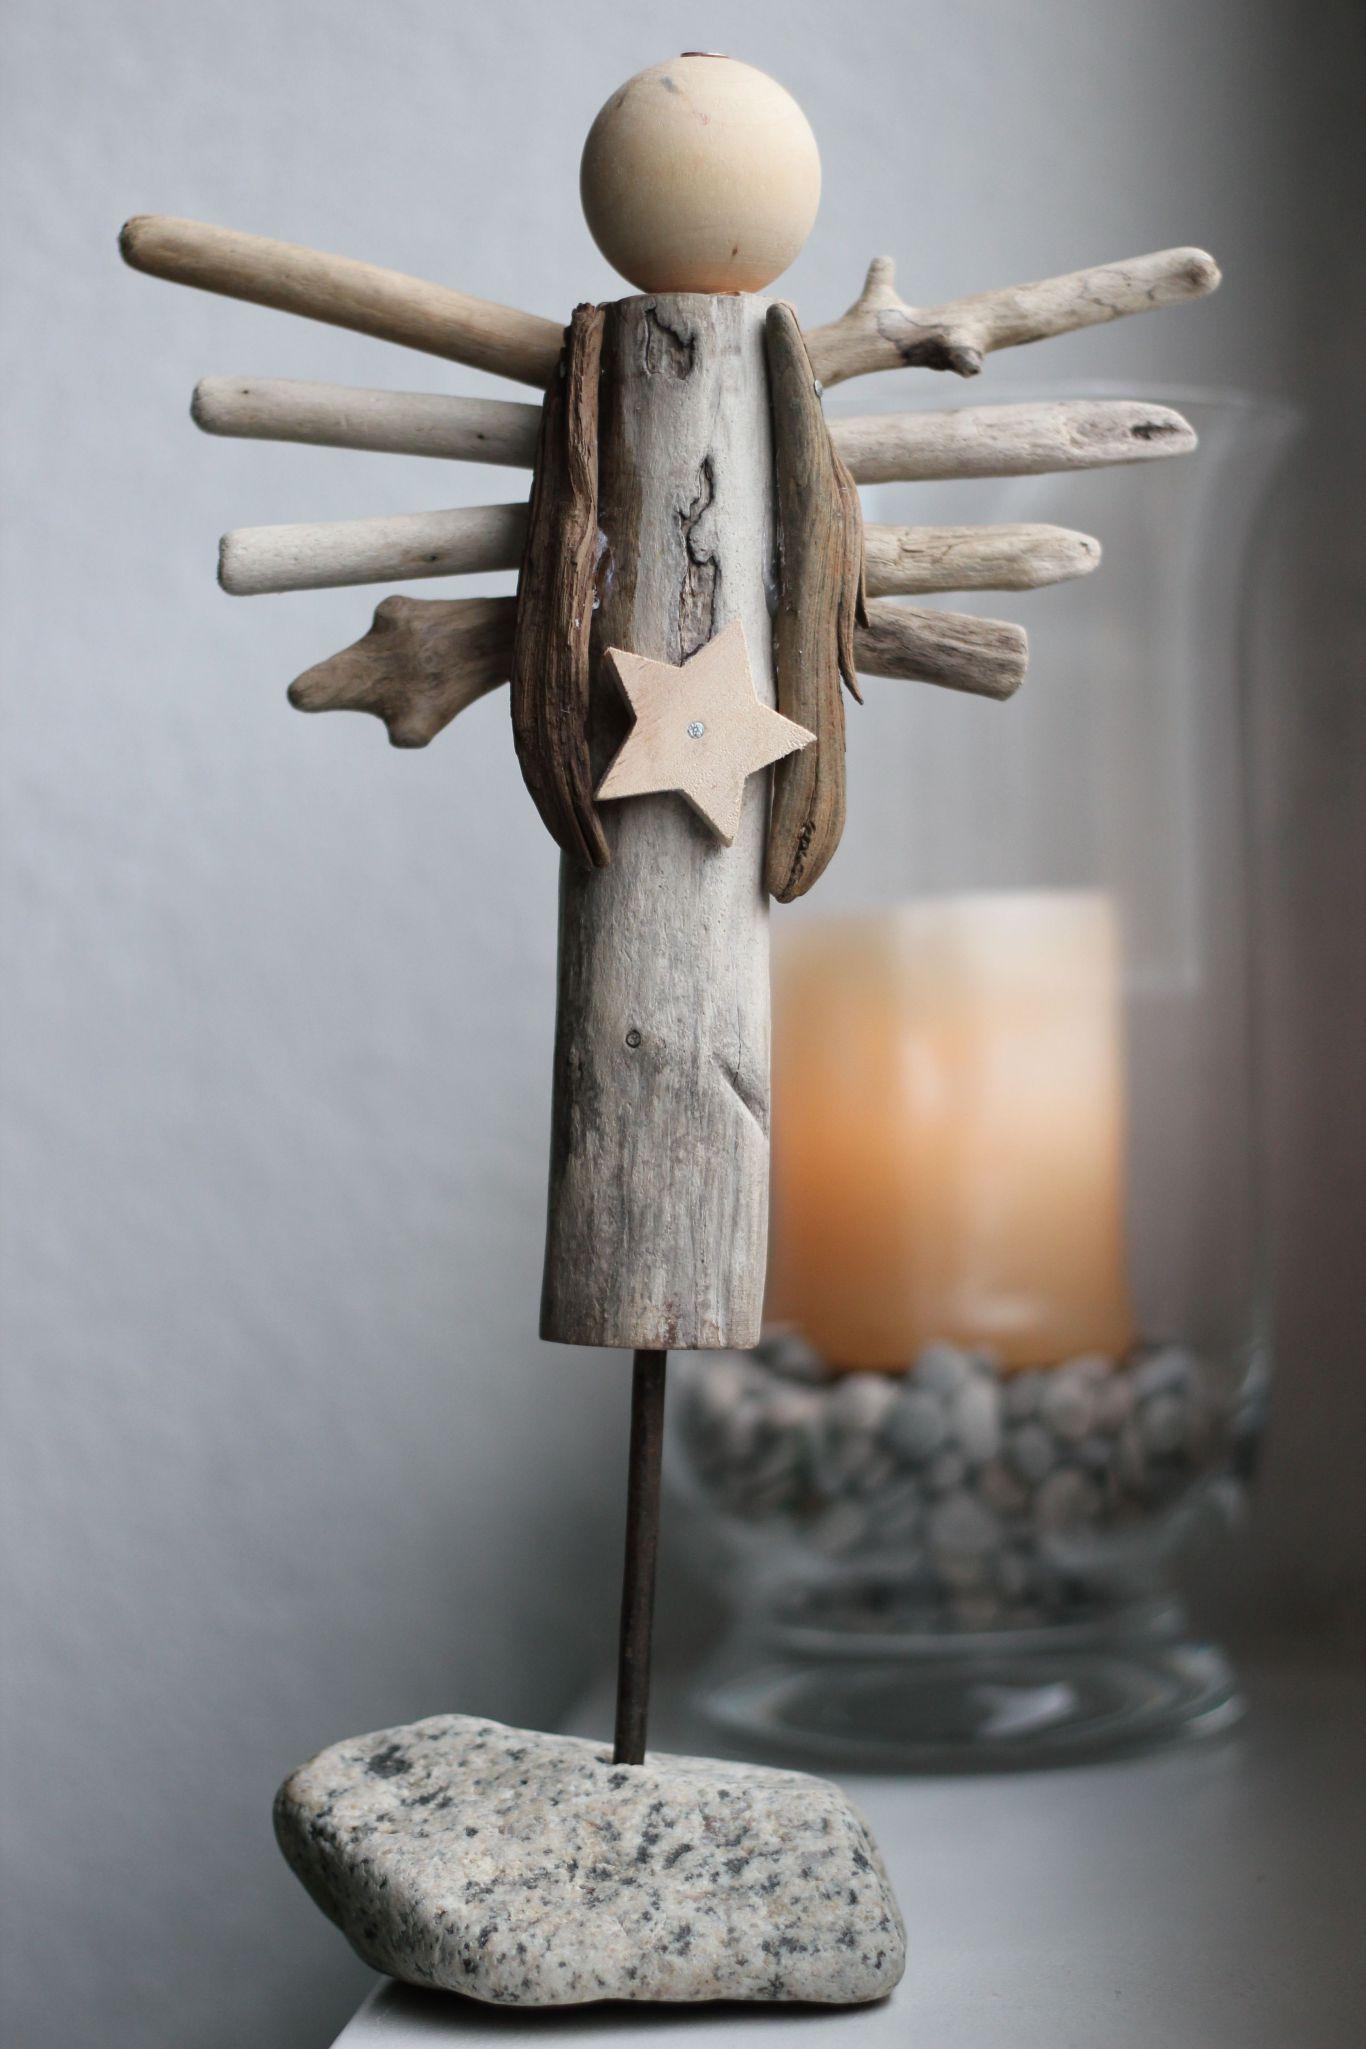 gro er engel crafts weihnachtsengel basteln. Black Bedroom Furniture Sets. Home Design Ideas